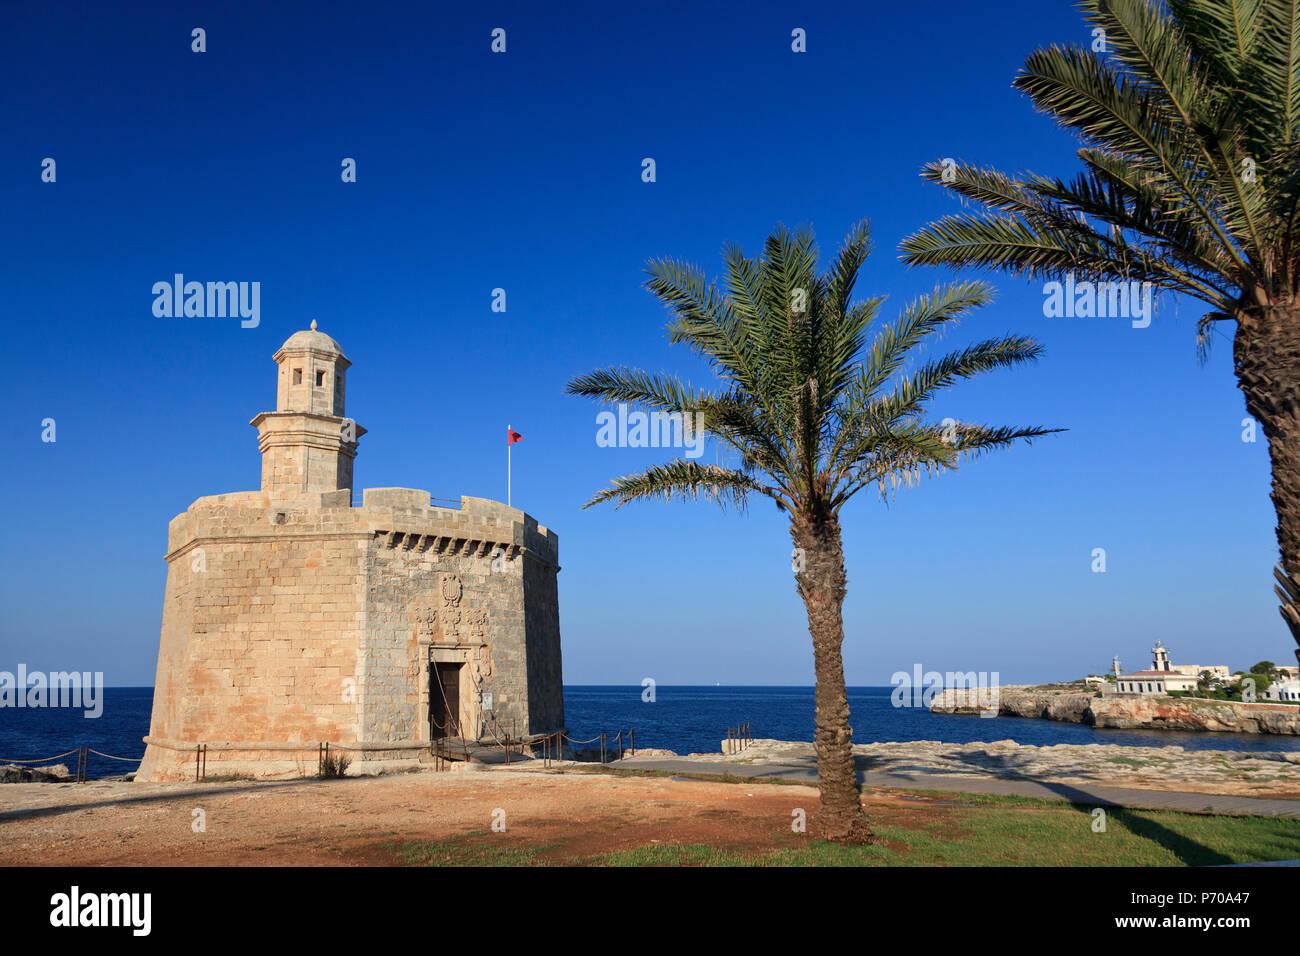 España, Islas Baleares, Menorca, Ciutadella, el casco antiguo, el castillo de Sant Nicolau Imagen De Stock